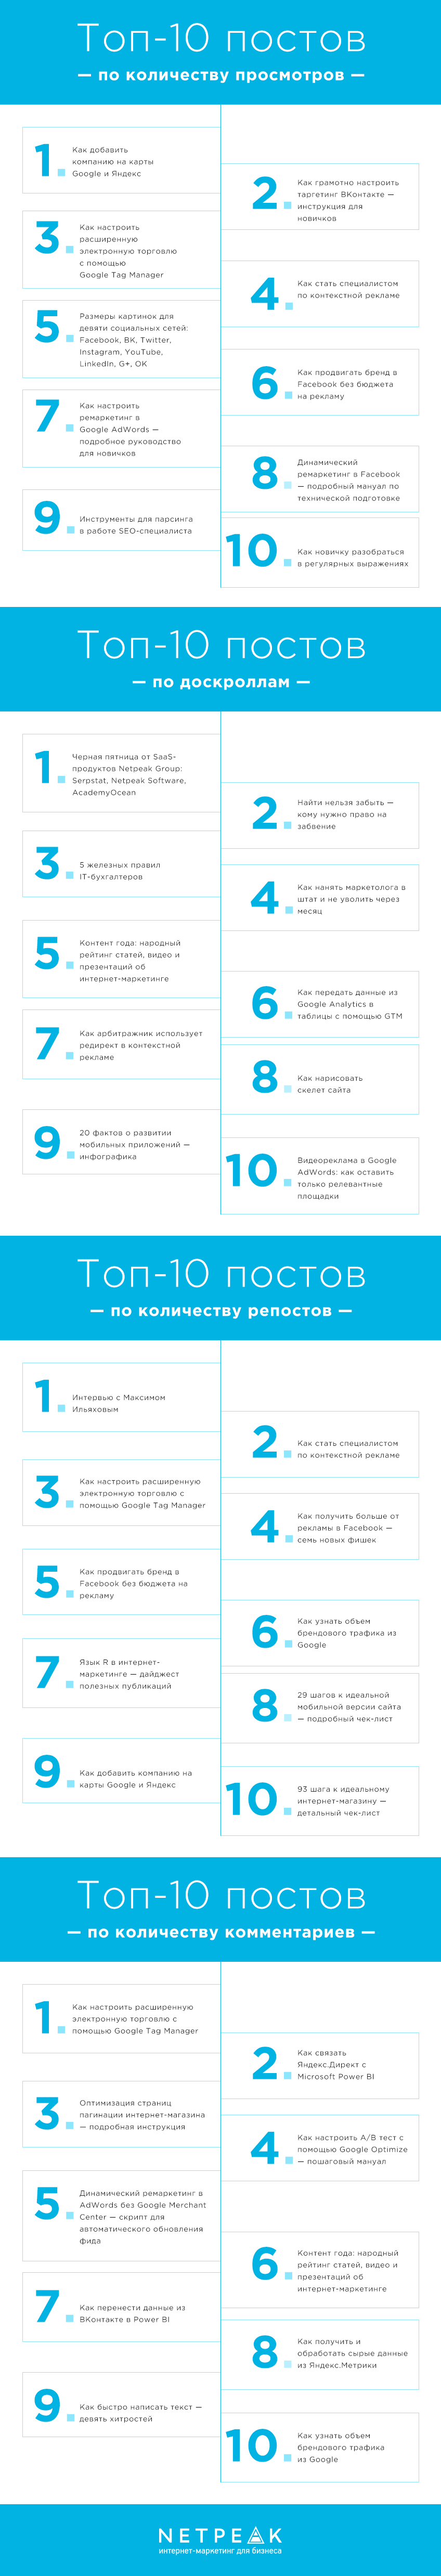 Топ-40 статей блога Netpeak в 2017 году